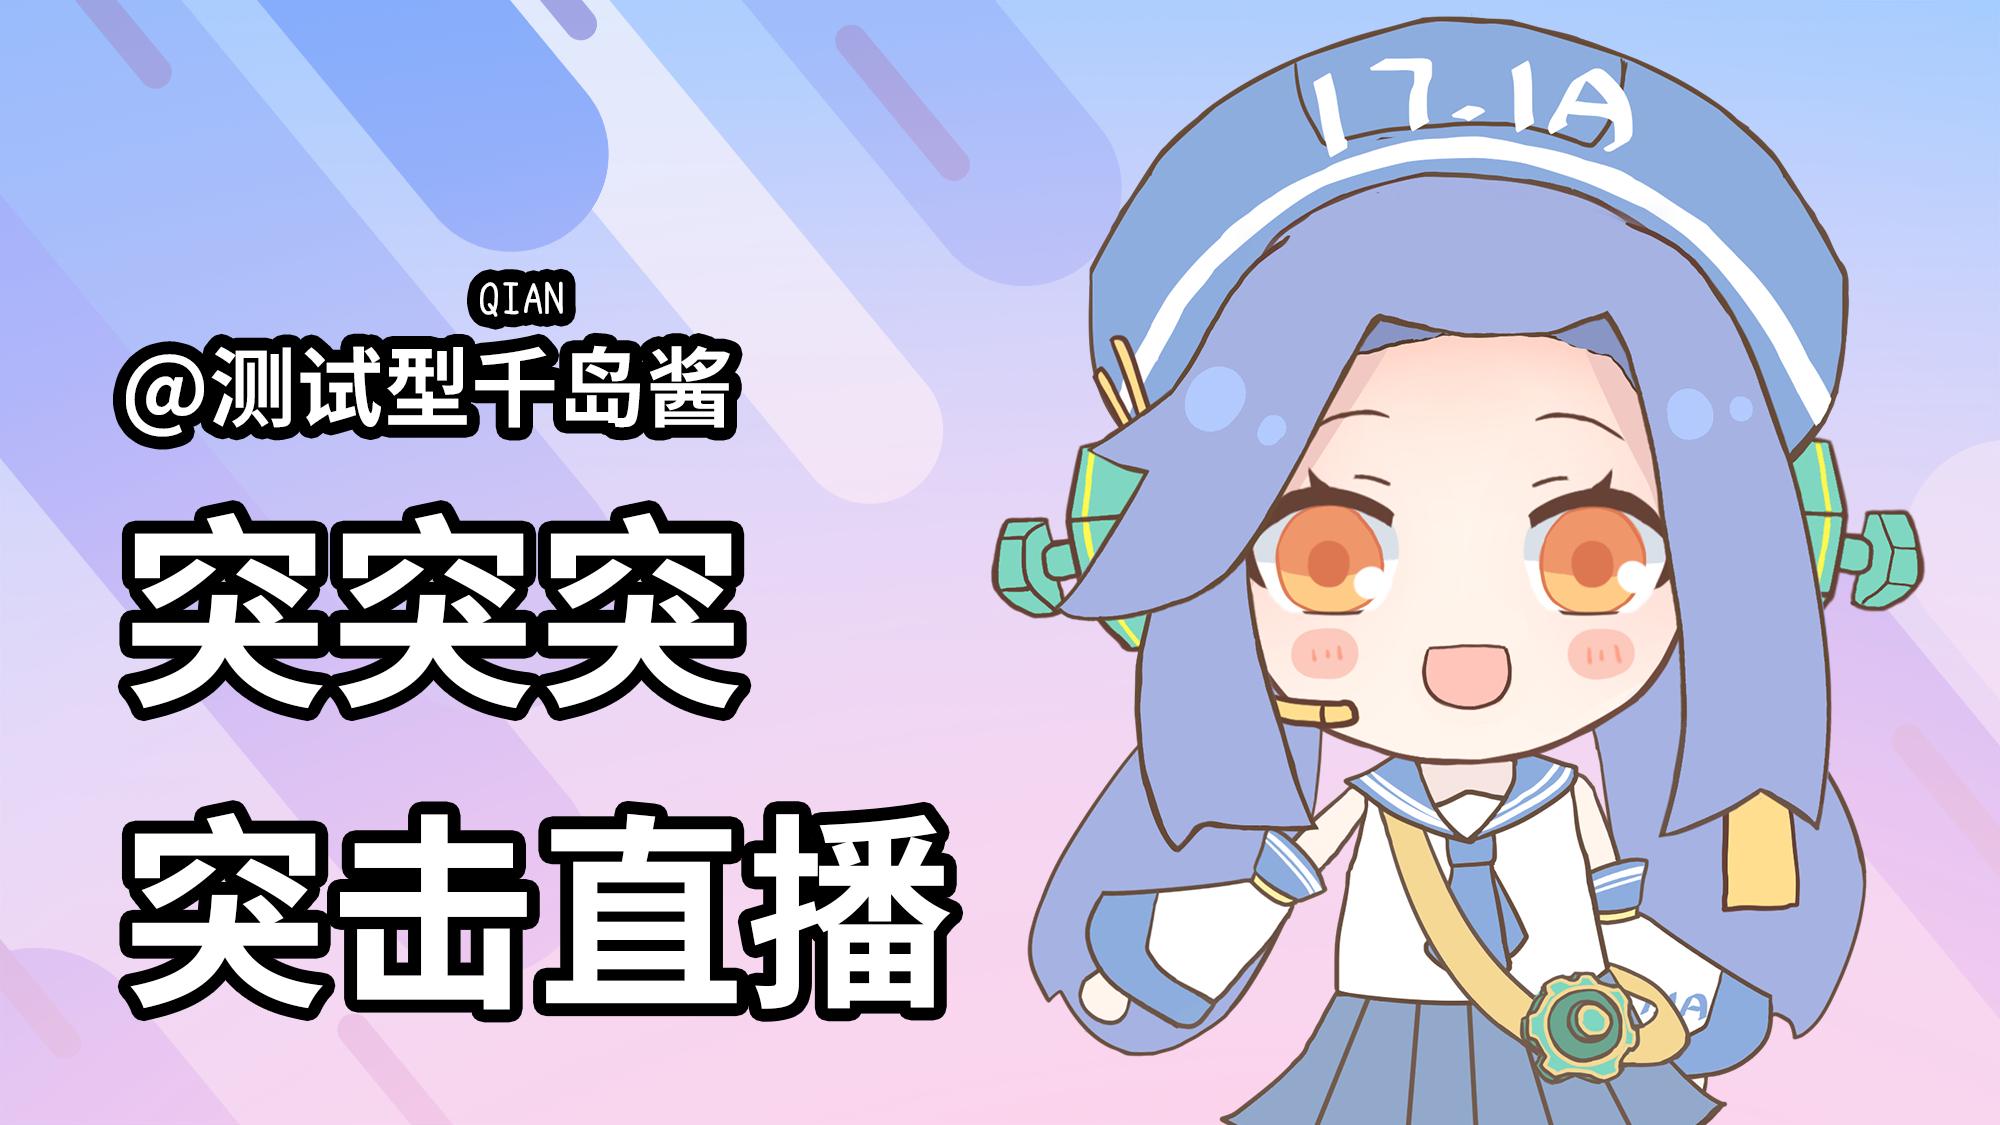 【录播】测试型千岛酱突击儿歌歌会【嗨歌祭10】【千岛直播录屏#66】